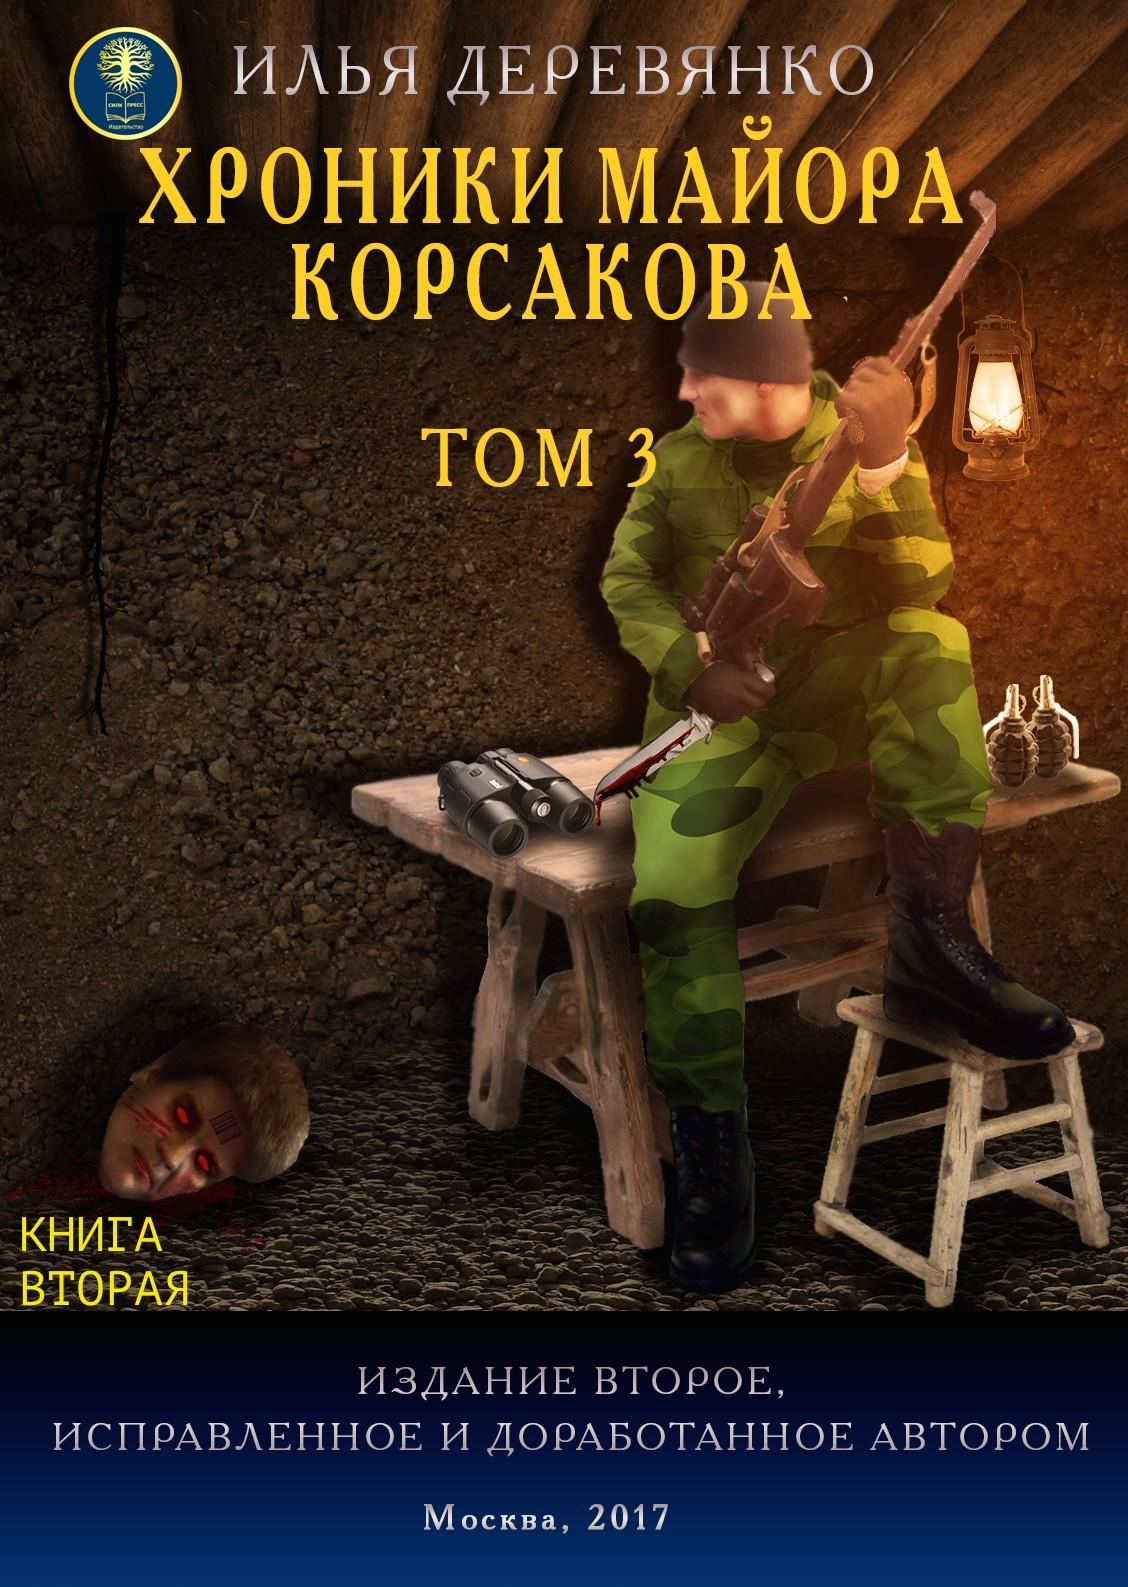 Хроники майора Корсакова. Том 3. Книга вторая